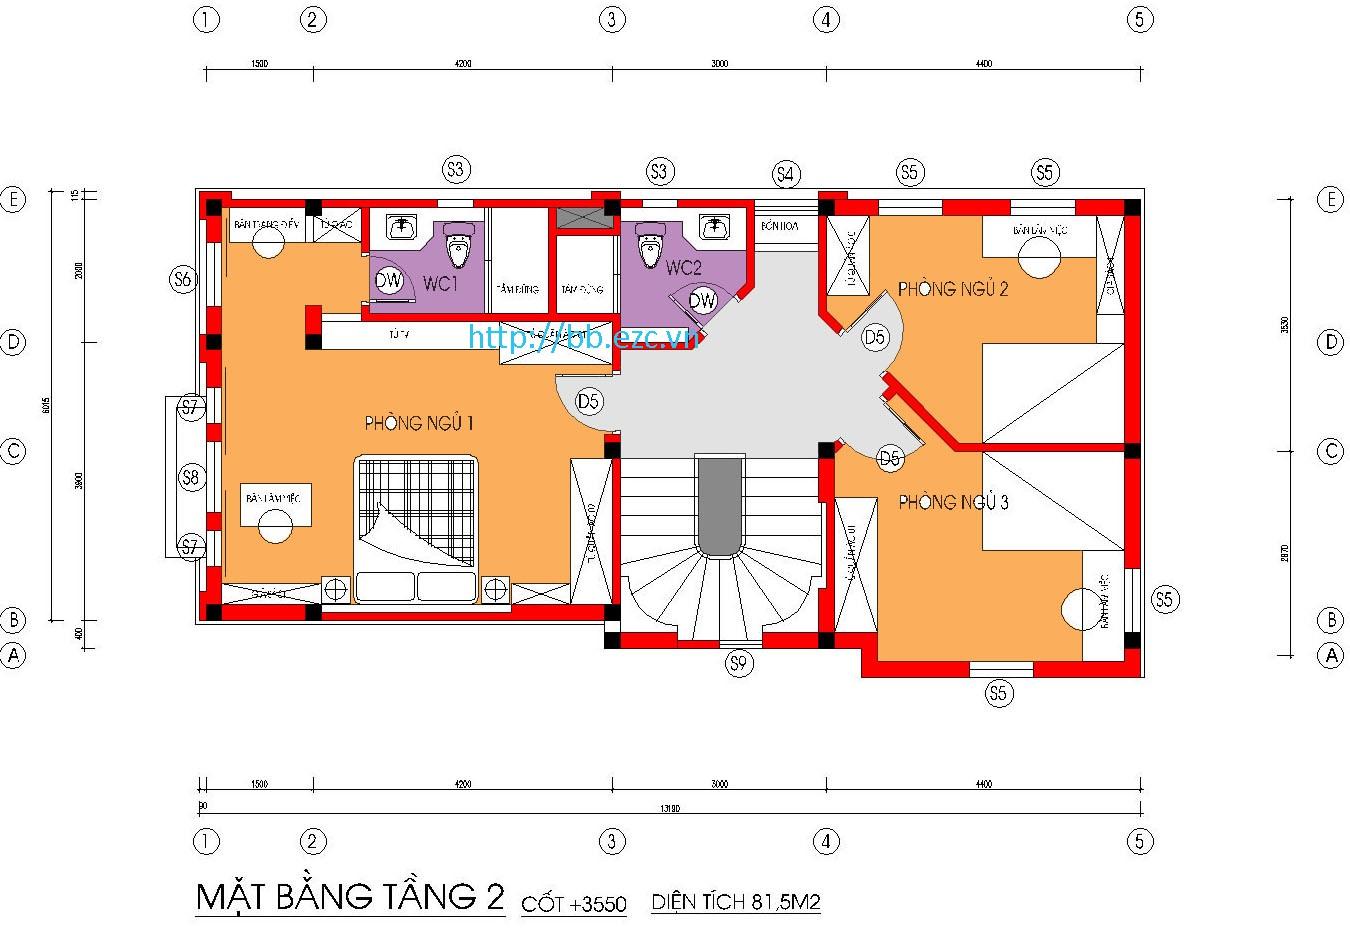 Tầng 2 gồm tới 3 phòng ngủ